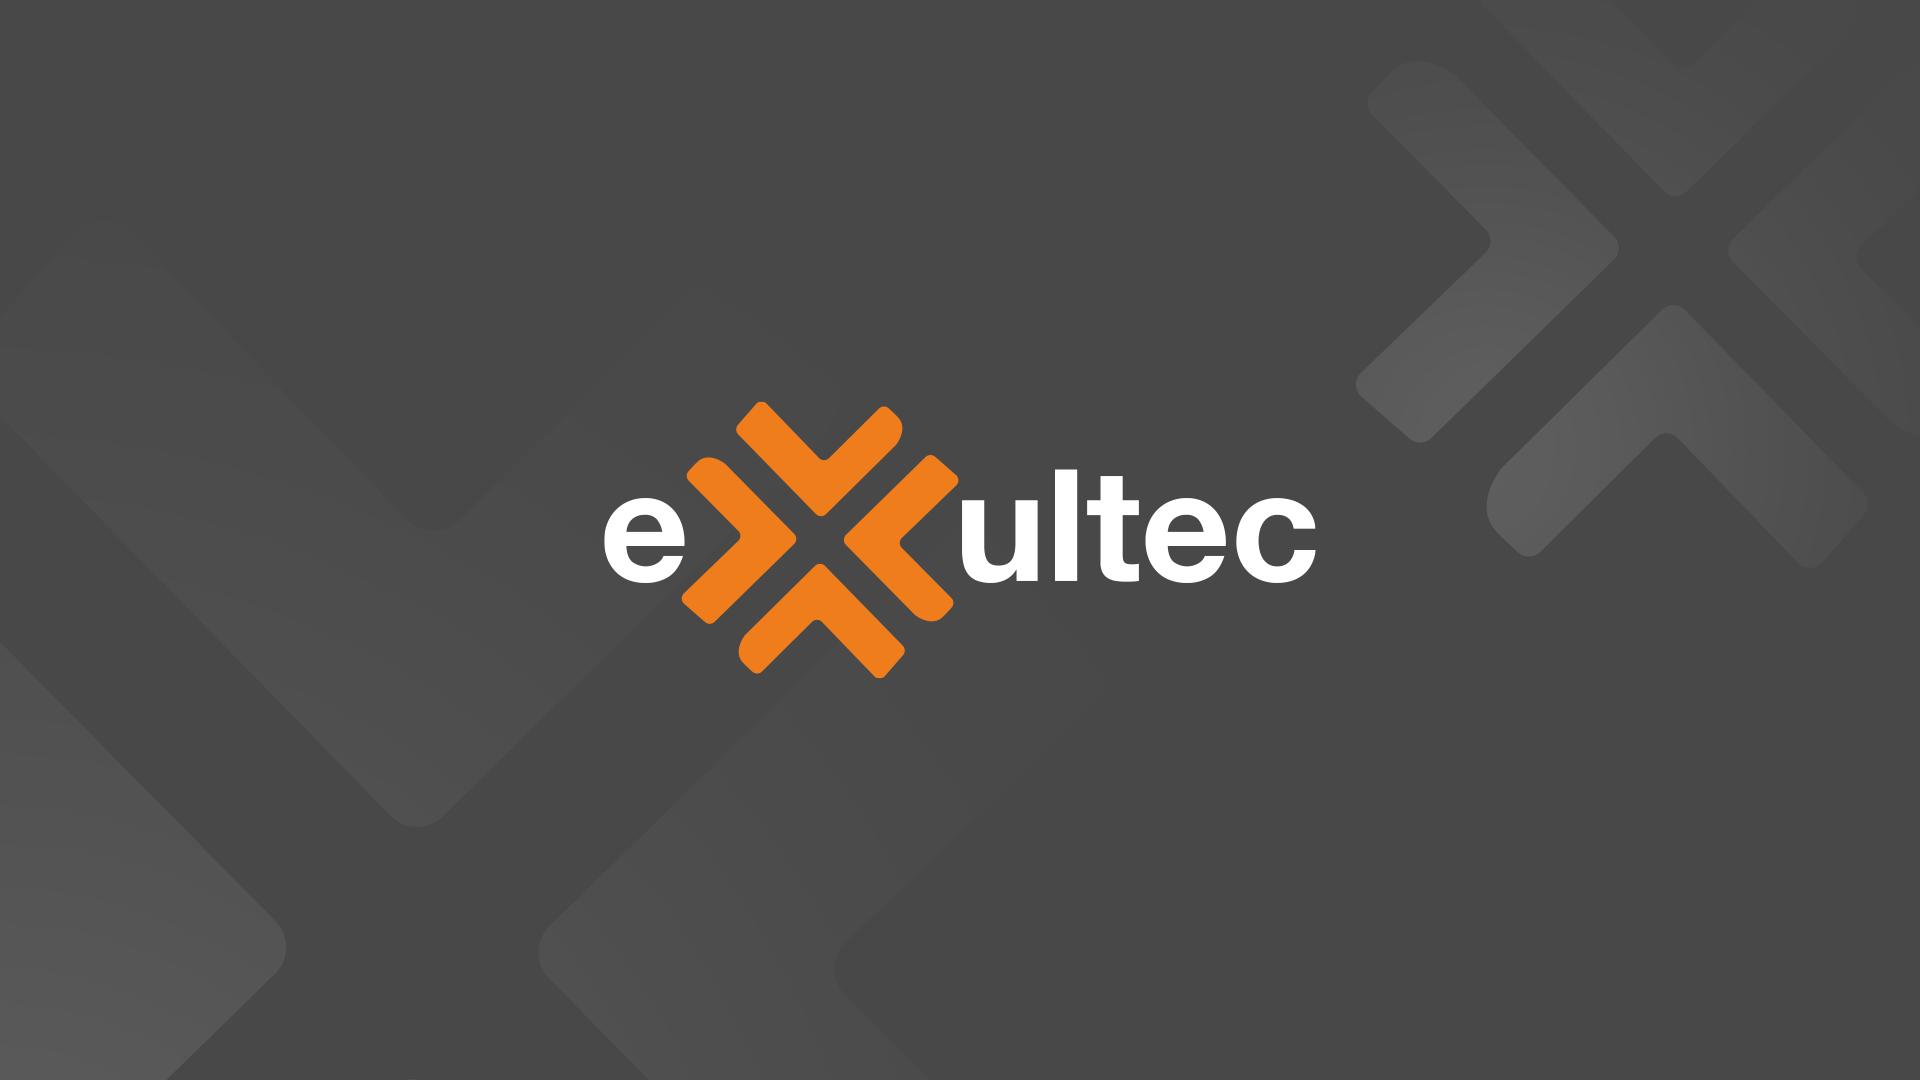 Das Exultec Logo auf dunklem Hintergrund.